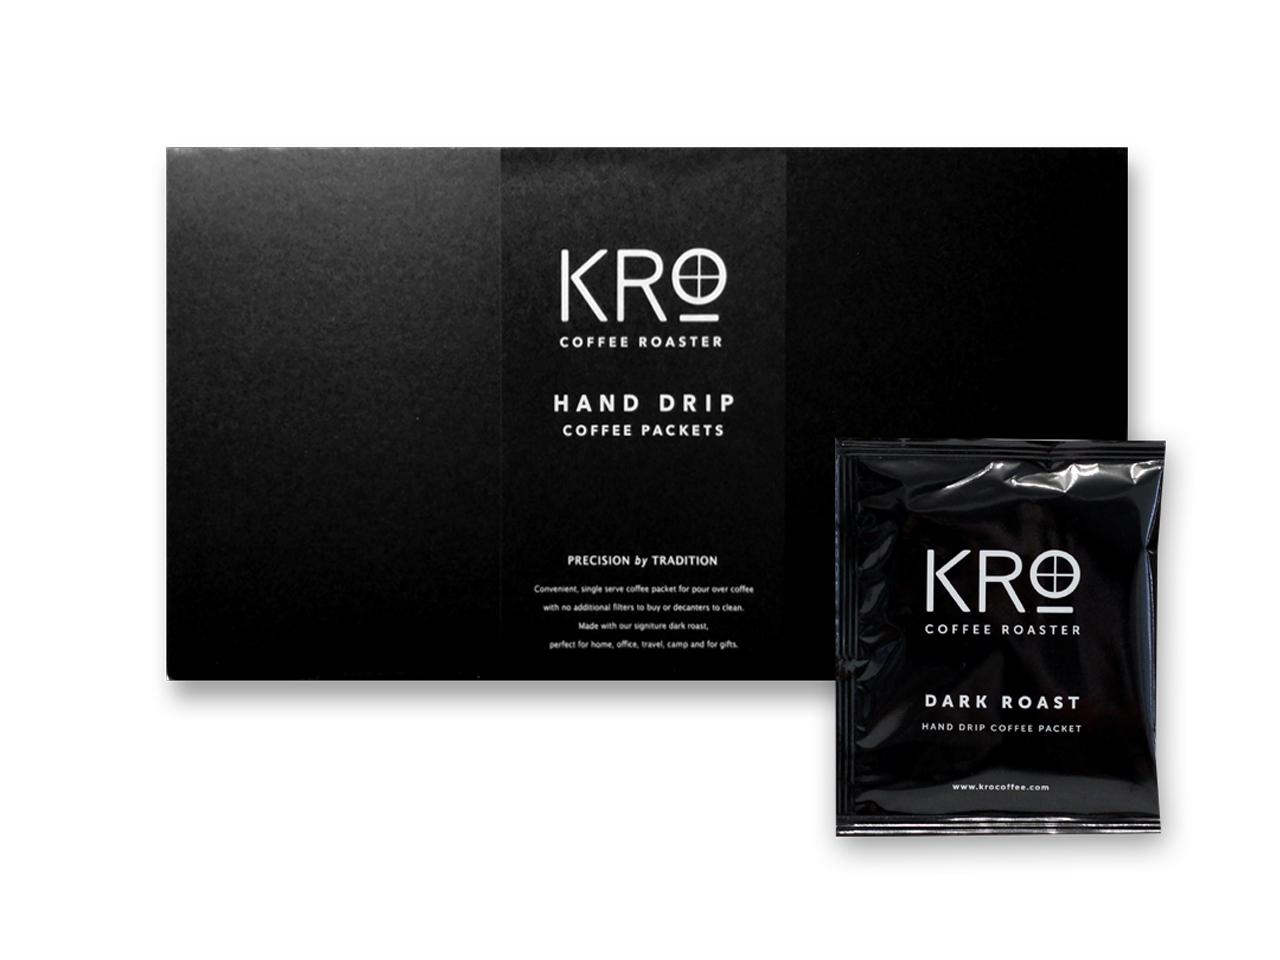 KROプチギフトセット:ハンドドリップ5袋入り (KROハンドドリップ5袋入りお試しセット)